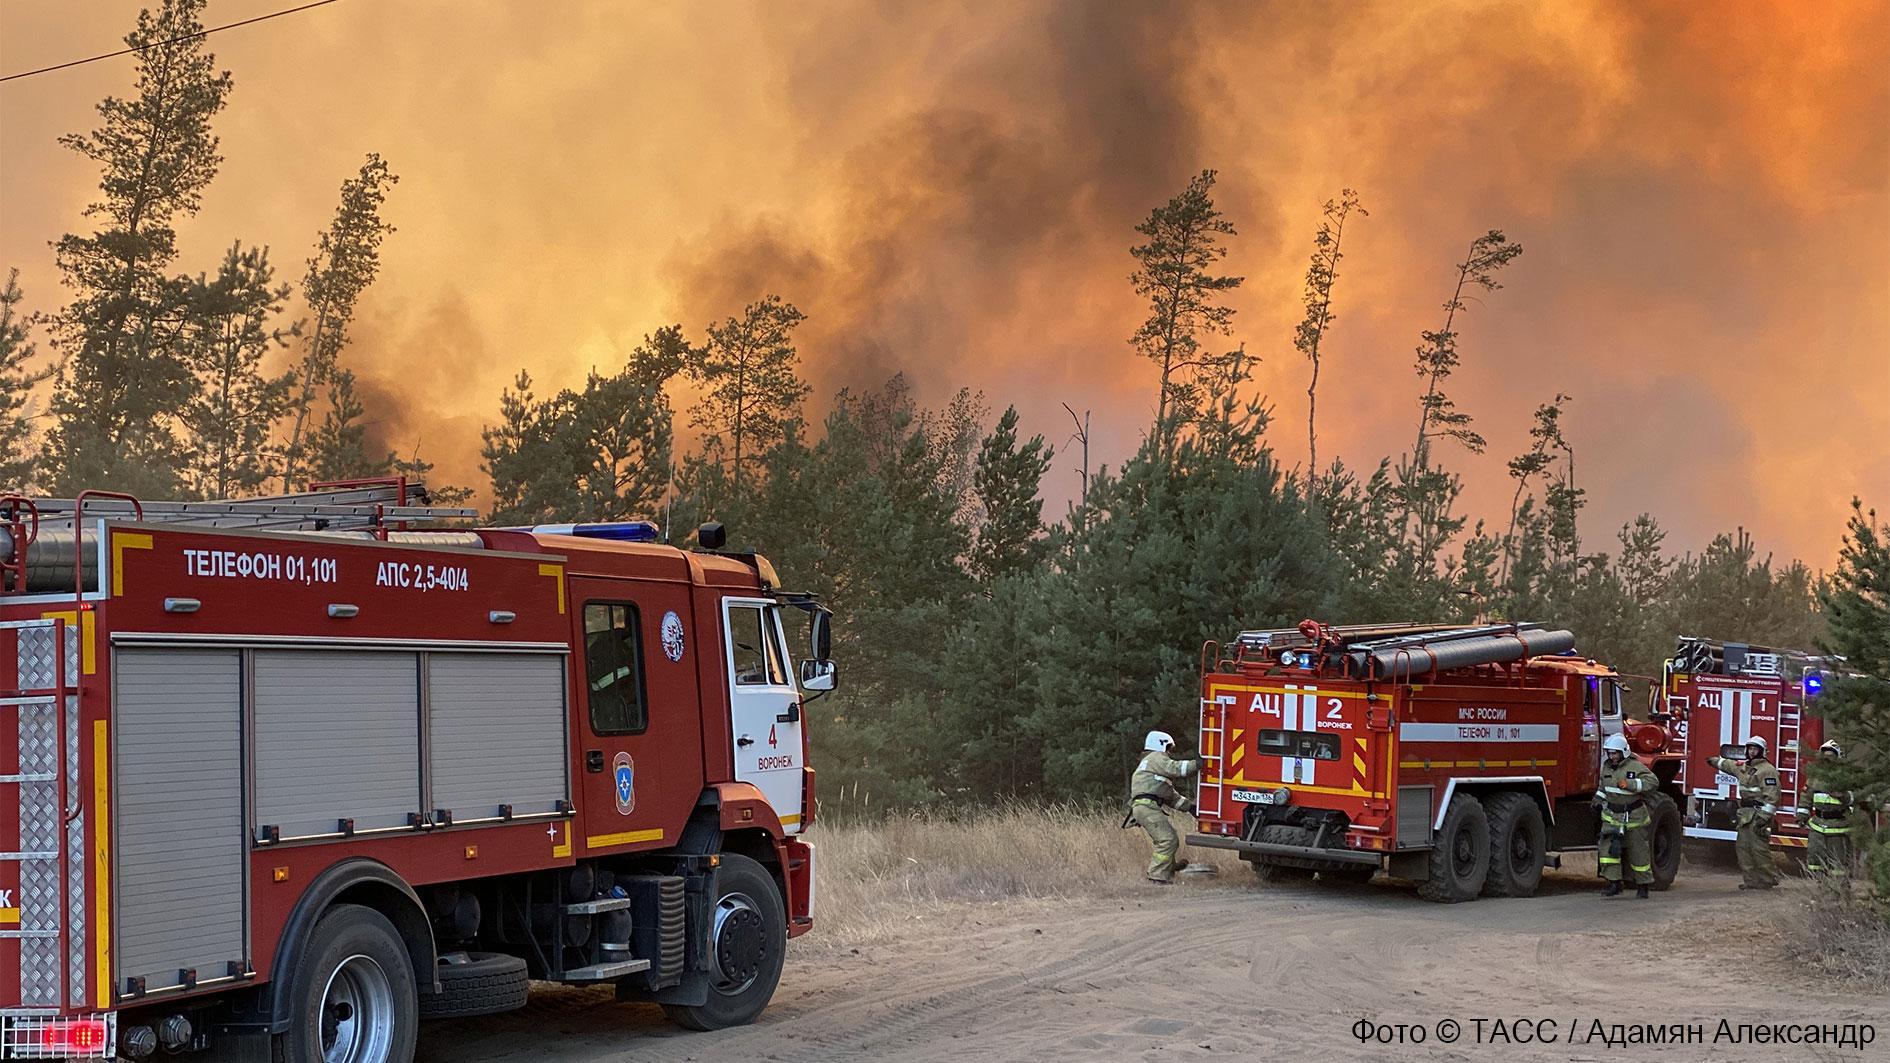 Нам чужого огня не надо. Как пожарные Воронежской и Белгородской областей спорили о горящих участках